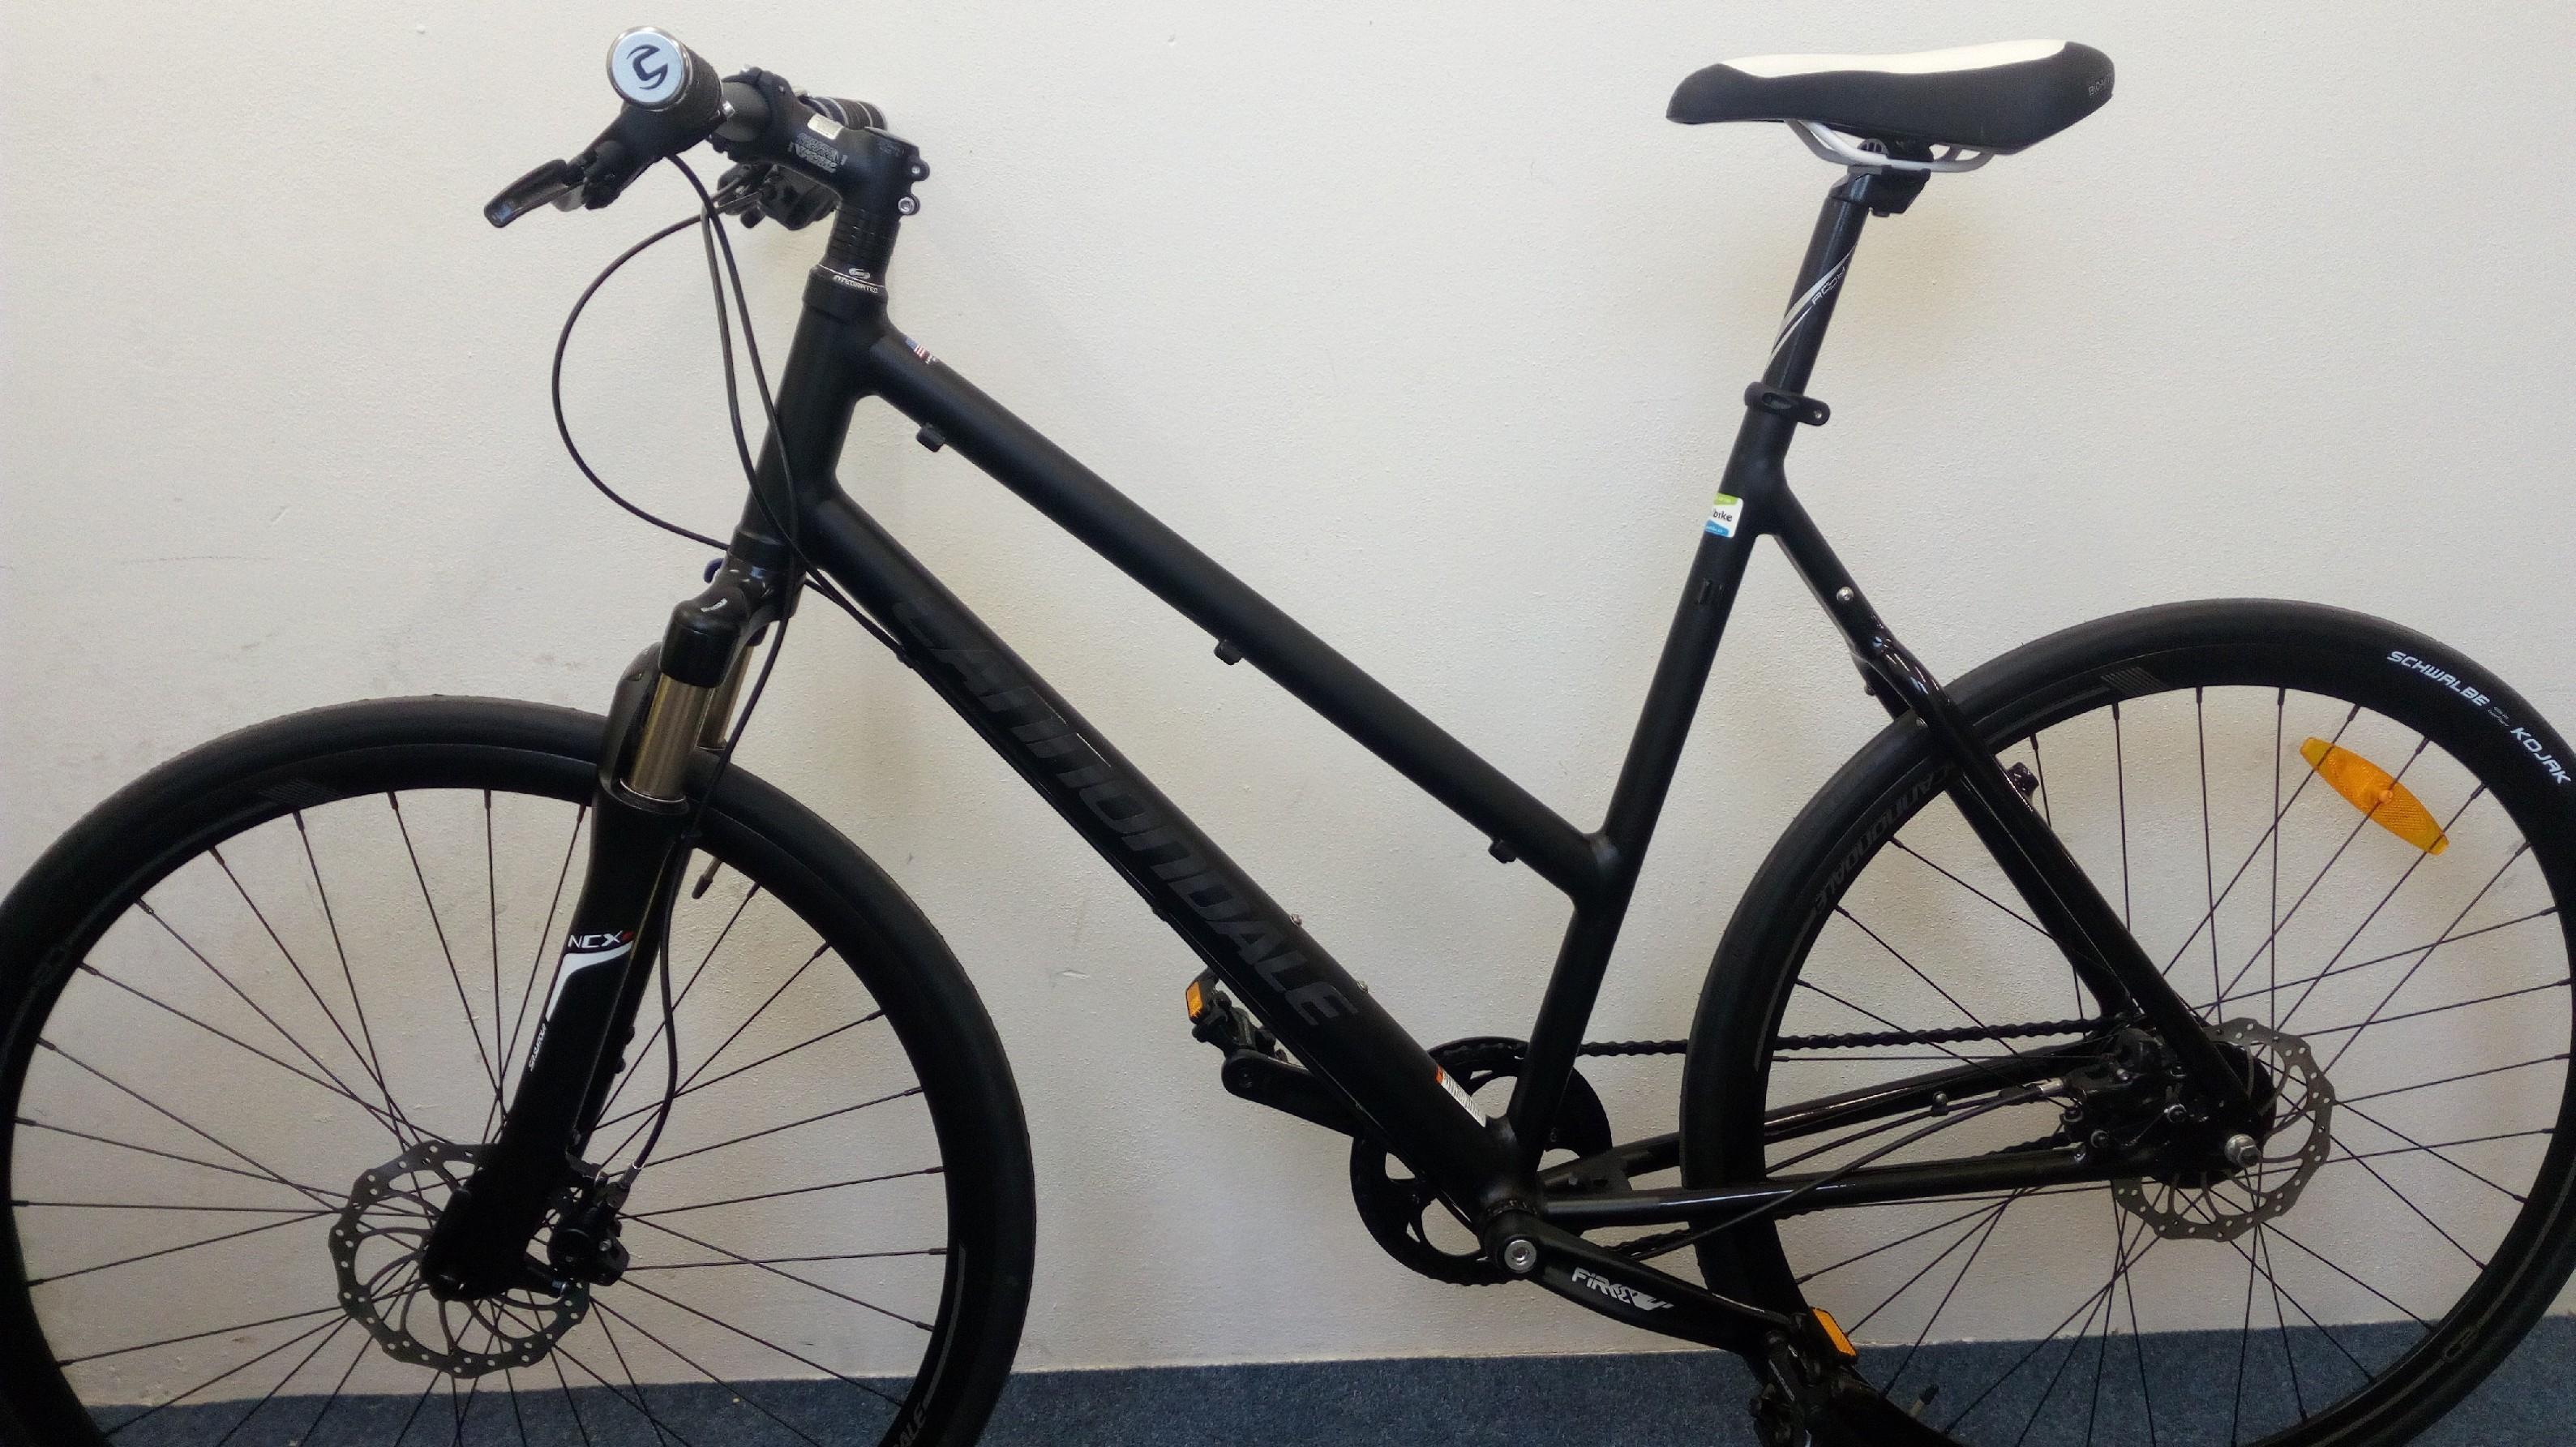 Dámské trekové kolo Cannondale Quick Lady 56 cm + cyklovýbava BSB-51 za 799 Kč zdarma